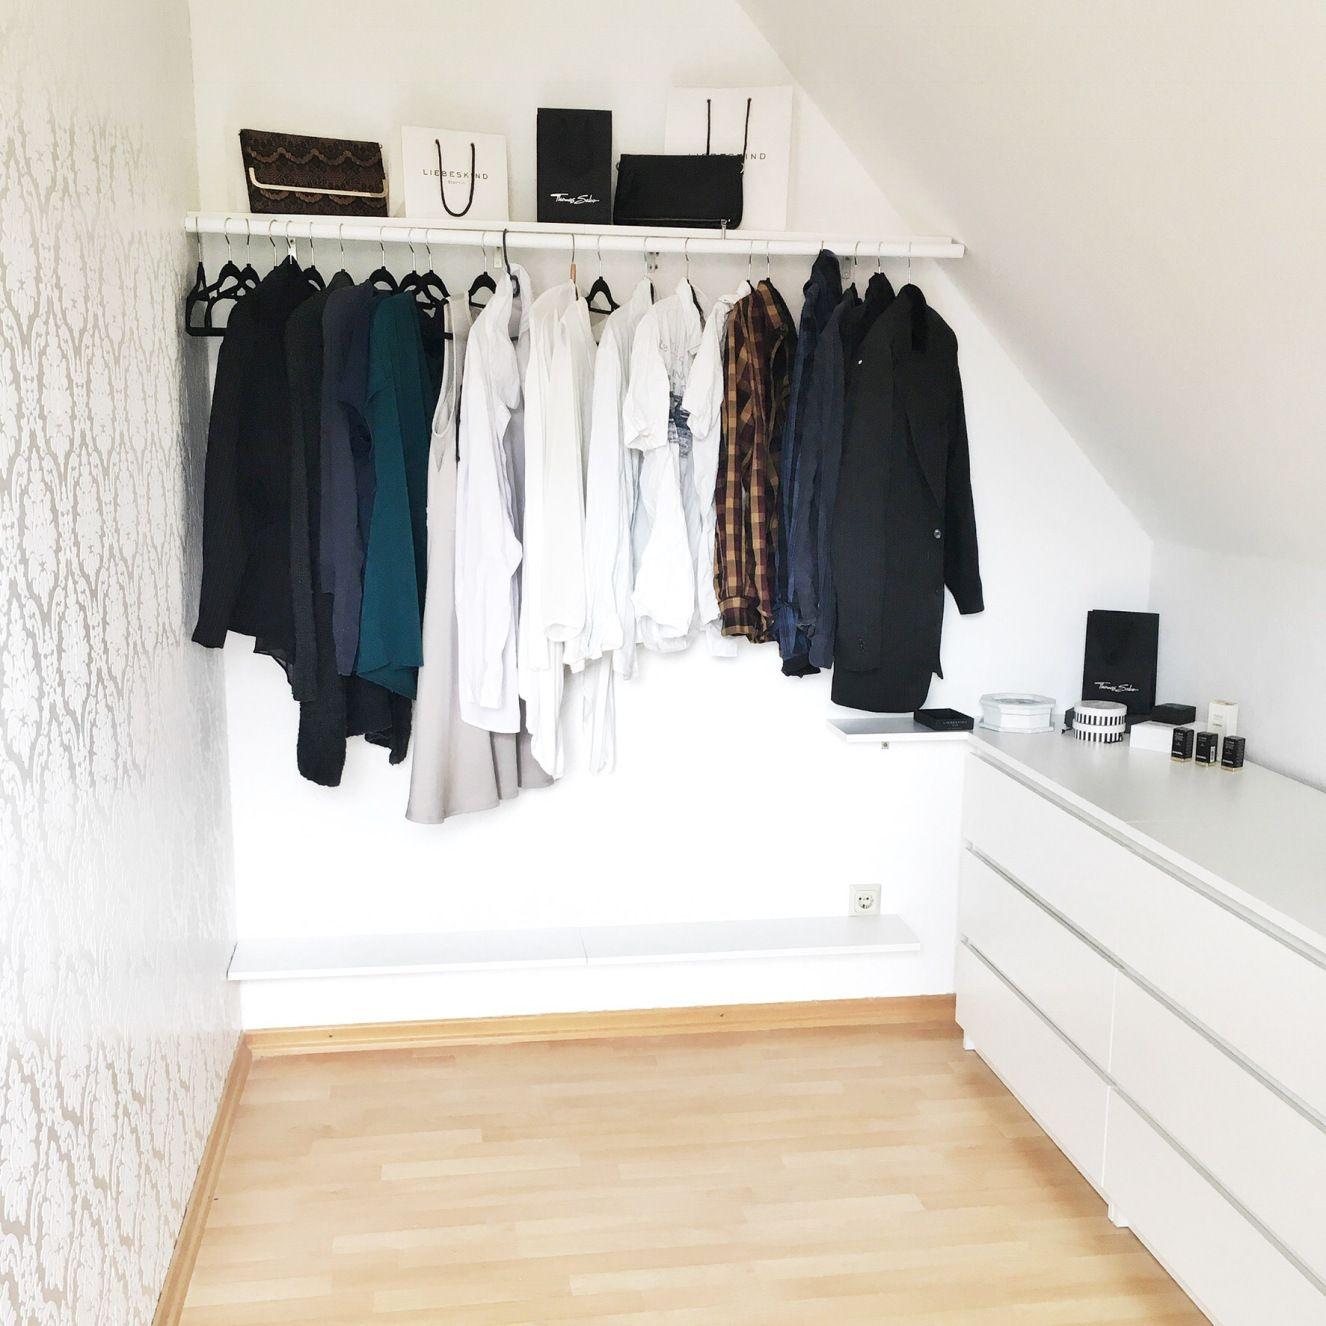 Begehbarer kleiderschrank ikea dachschräge  Willkommen in meinem Ankleidezimmer | Malm kommode, Malm und ...